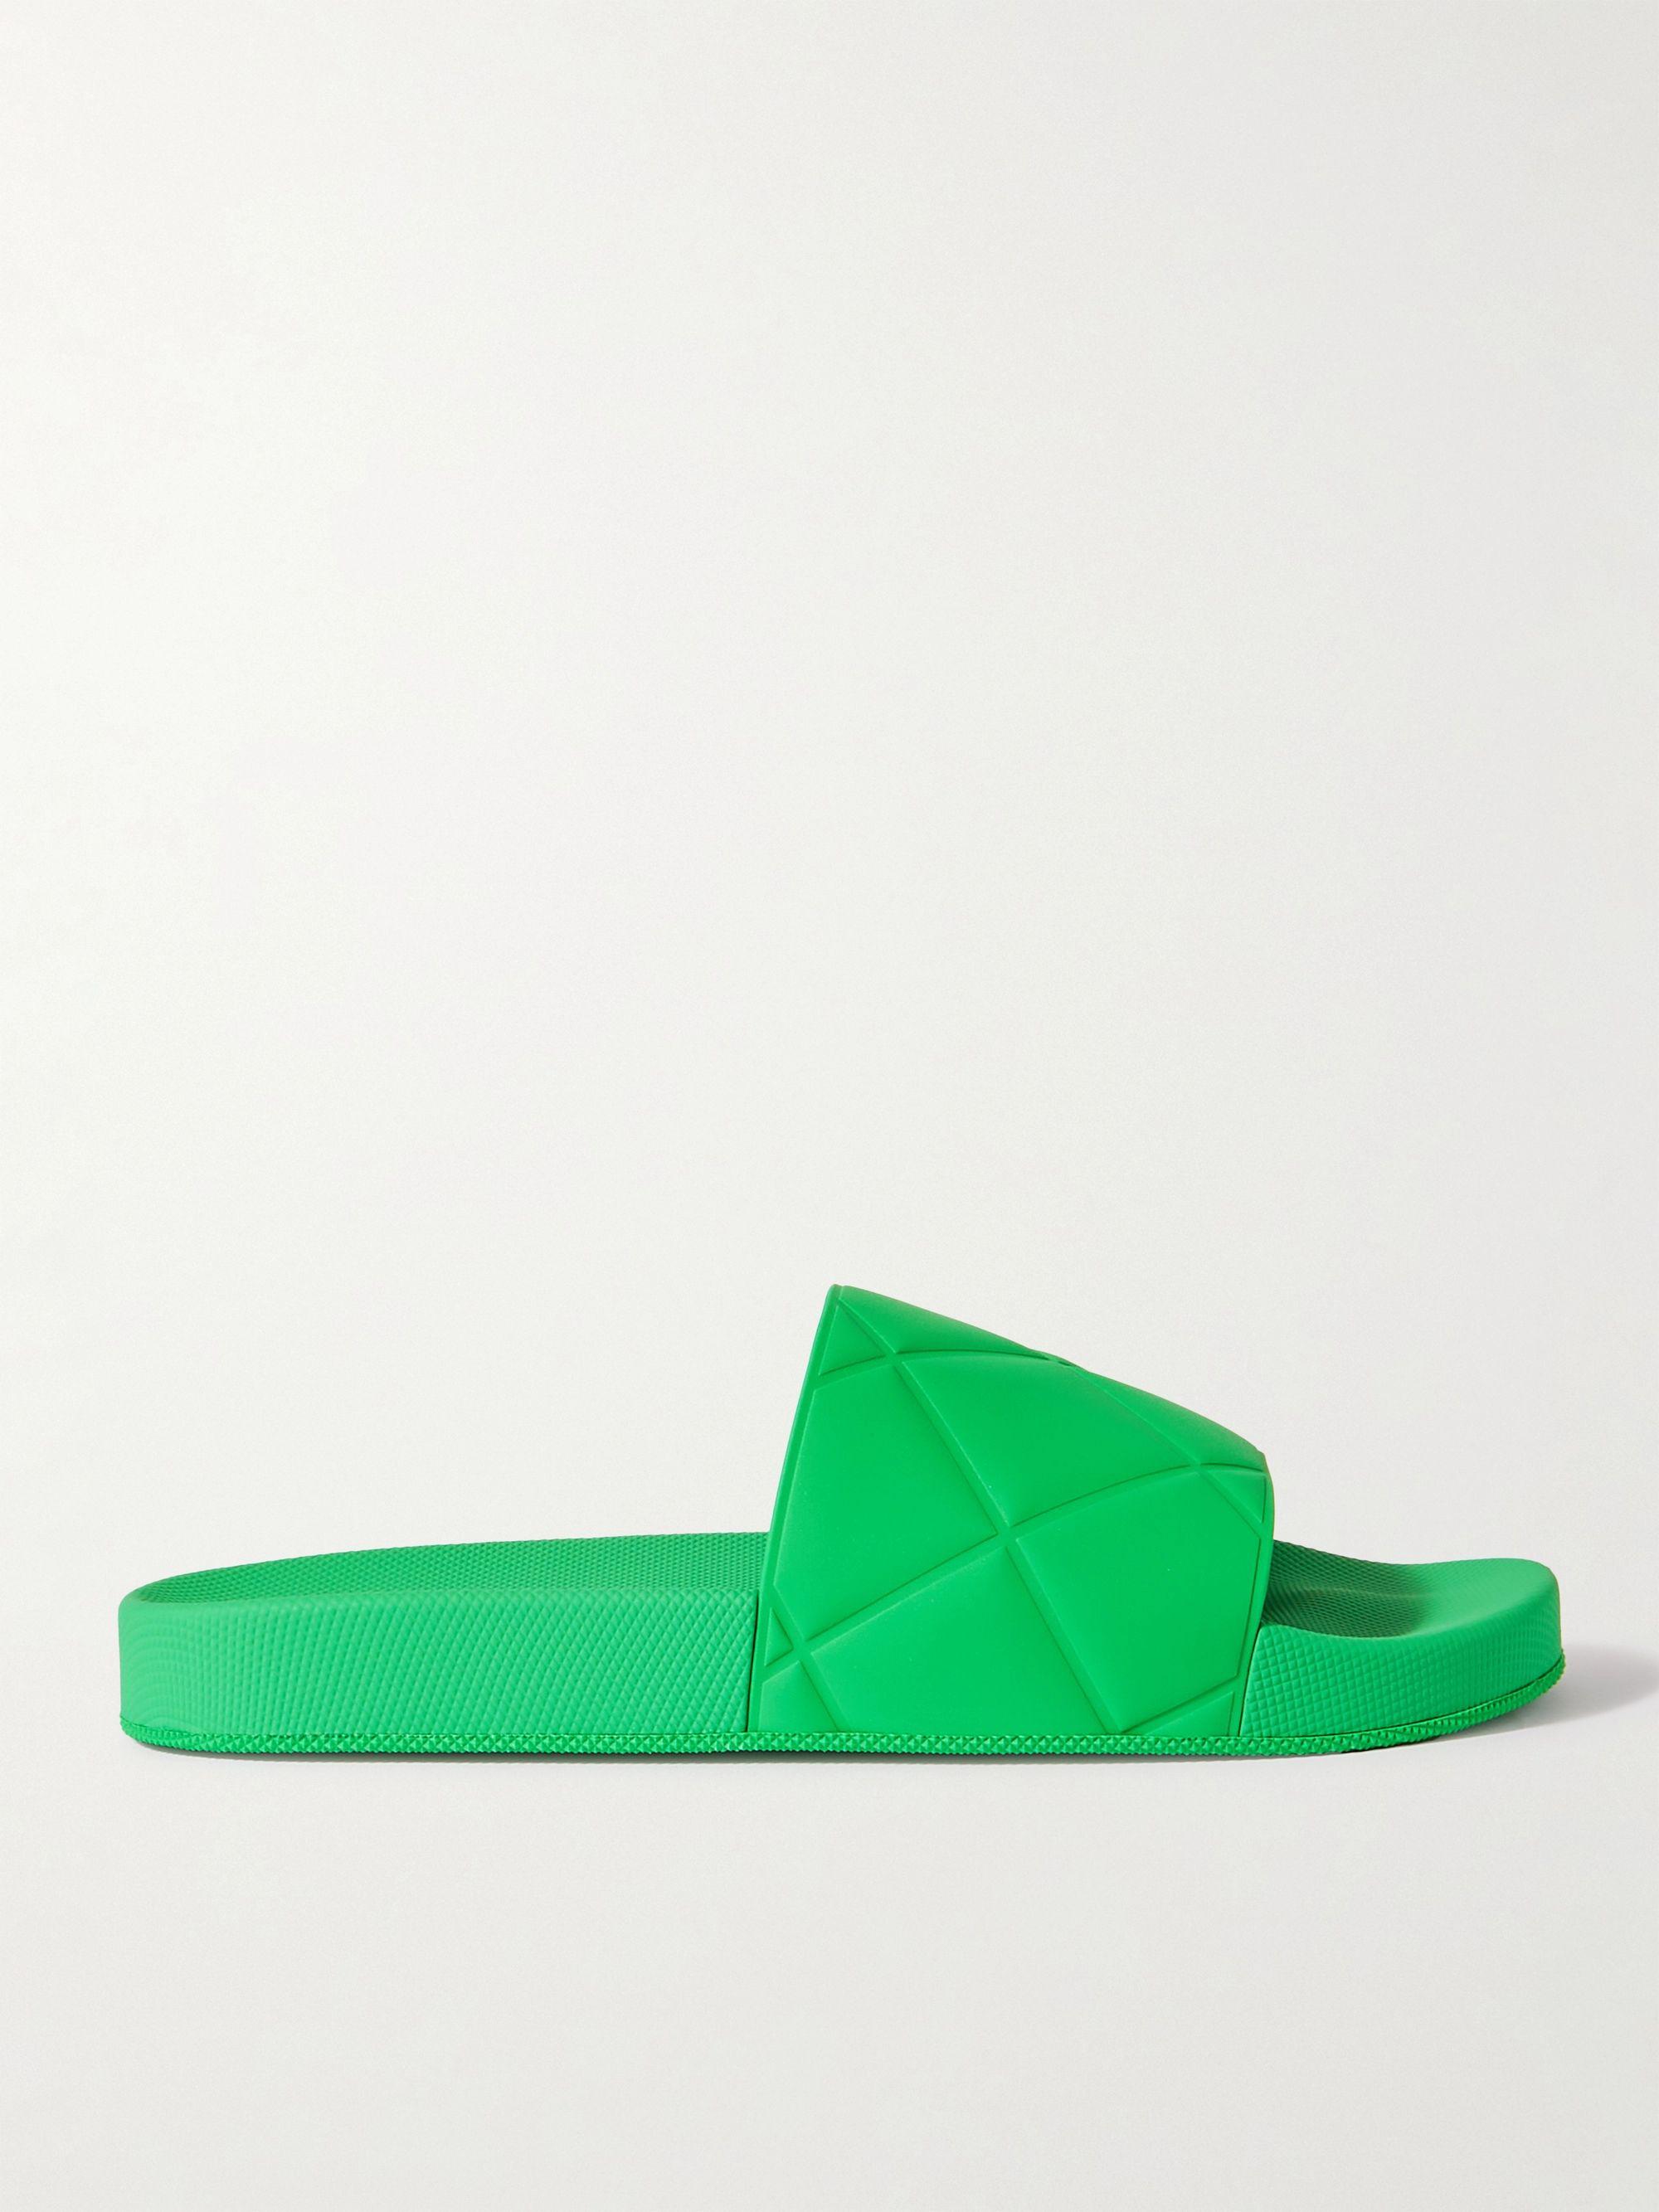 보테가 베네타 Bottega Veneta Intrecciato Rubber Slides,Green